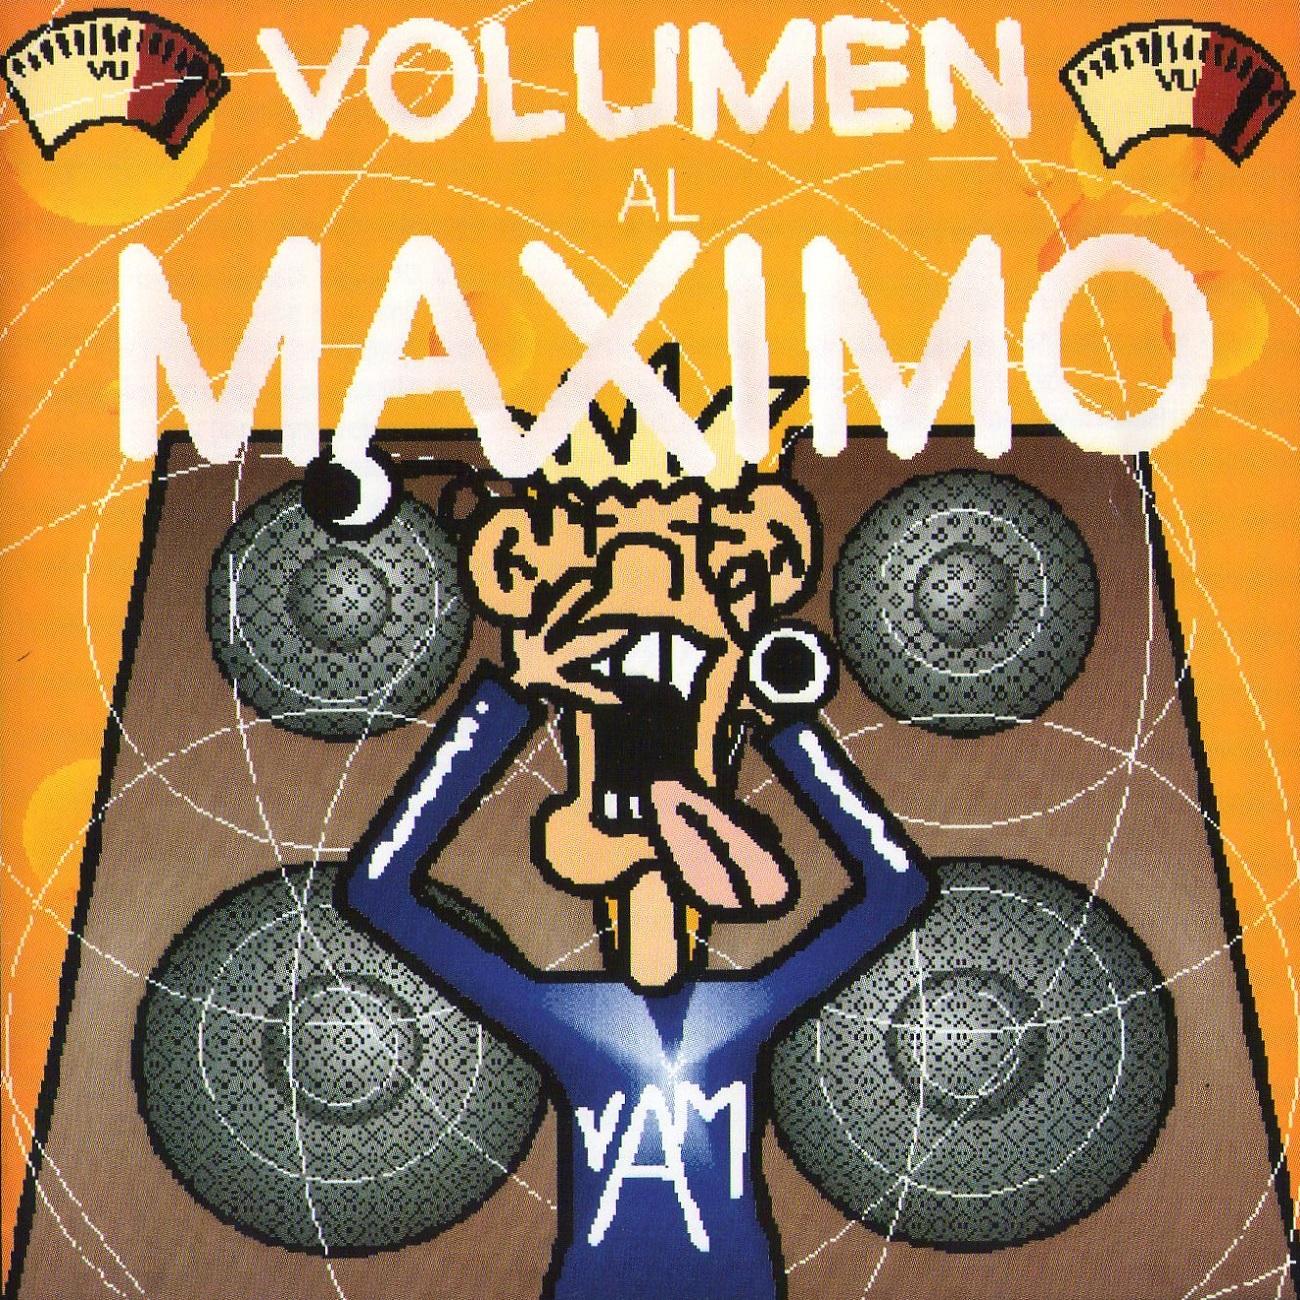 Volumen Al Maximo